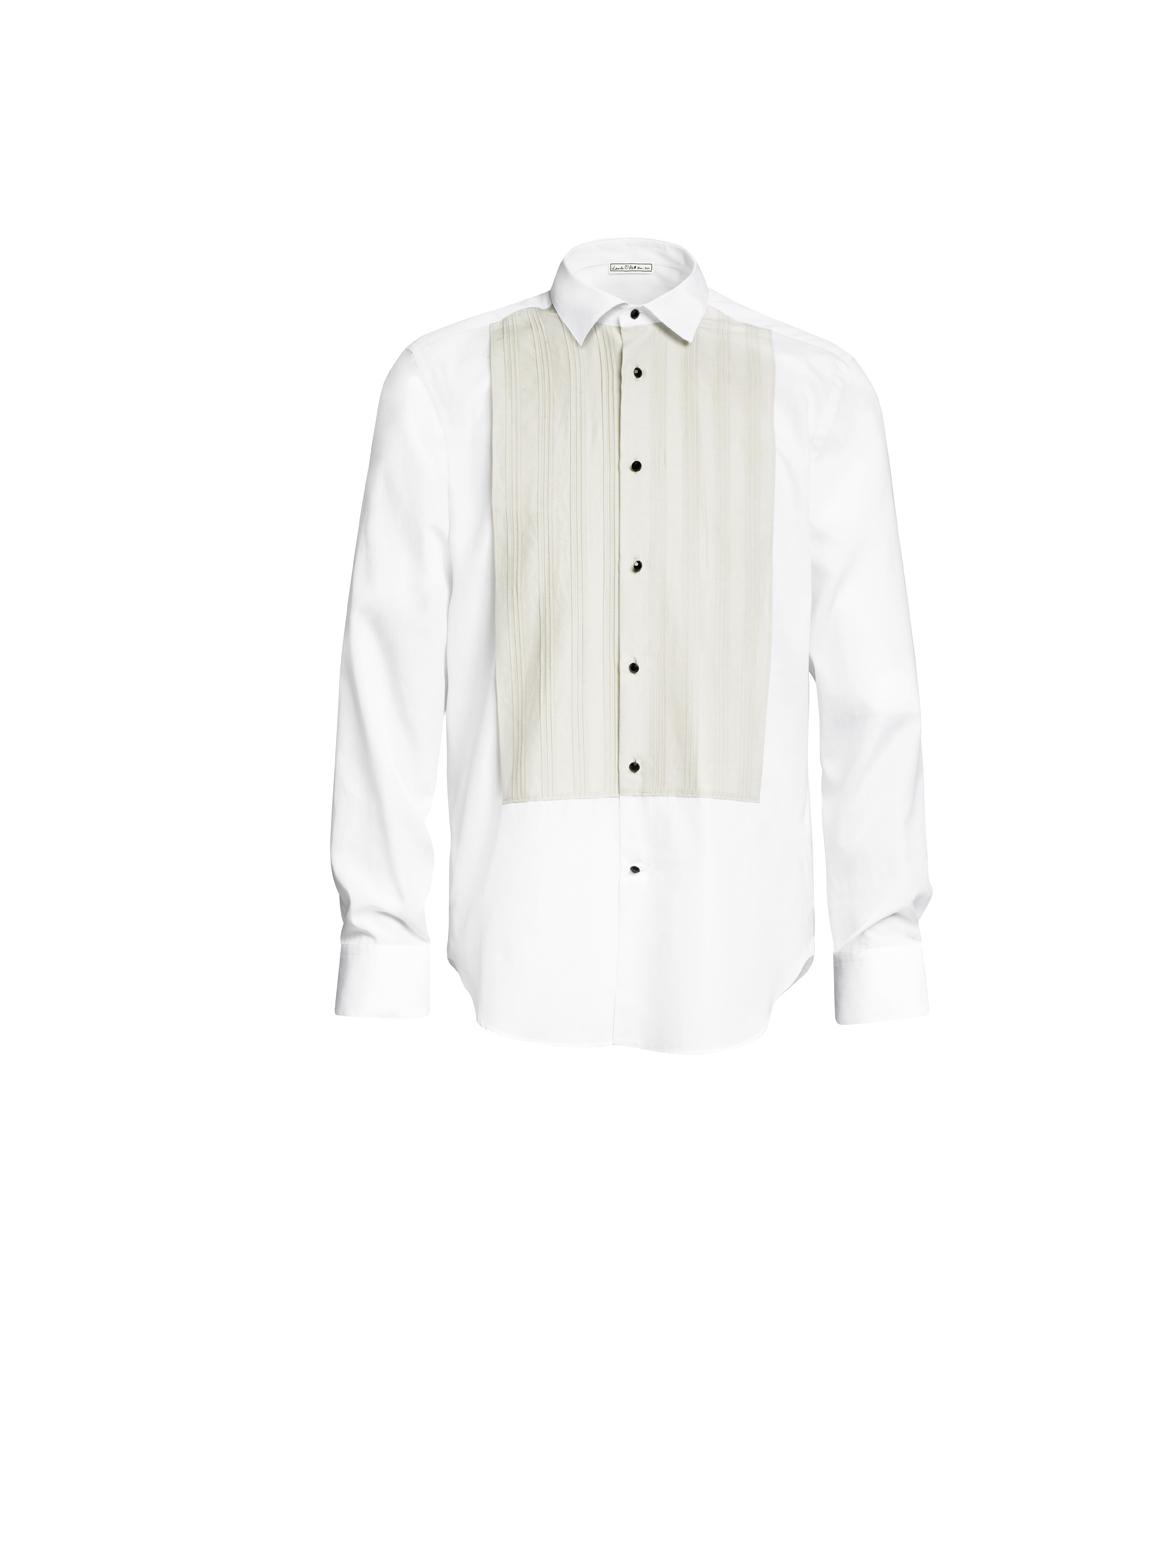 Lanvin para H&M, colección completa